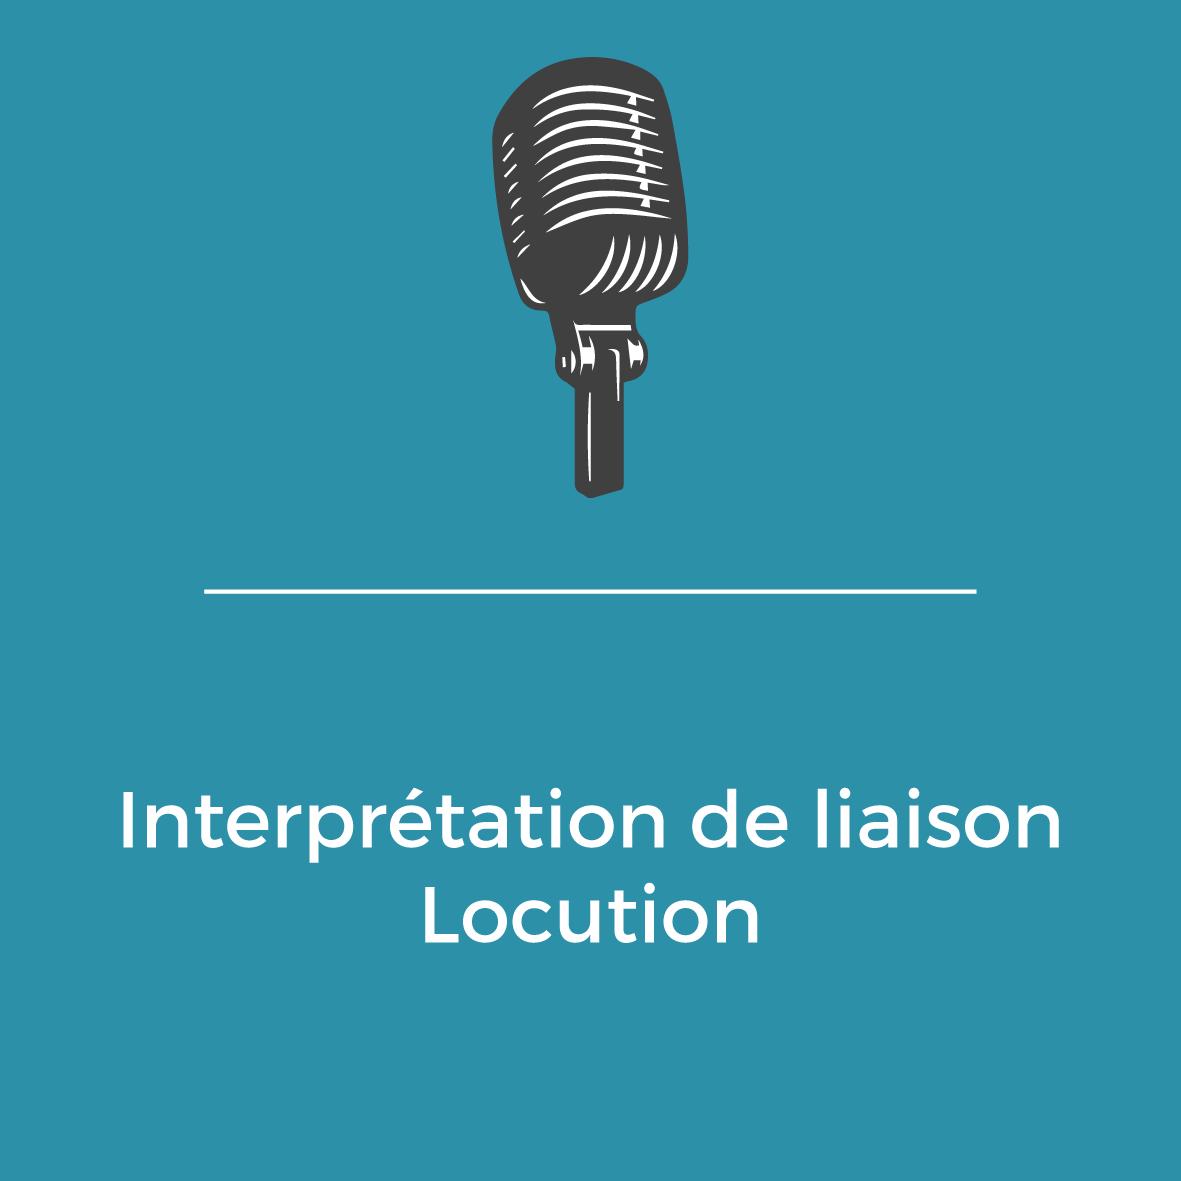 Services - Interprétation de liaison - Locution